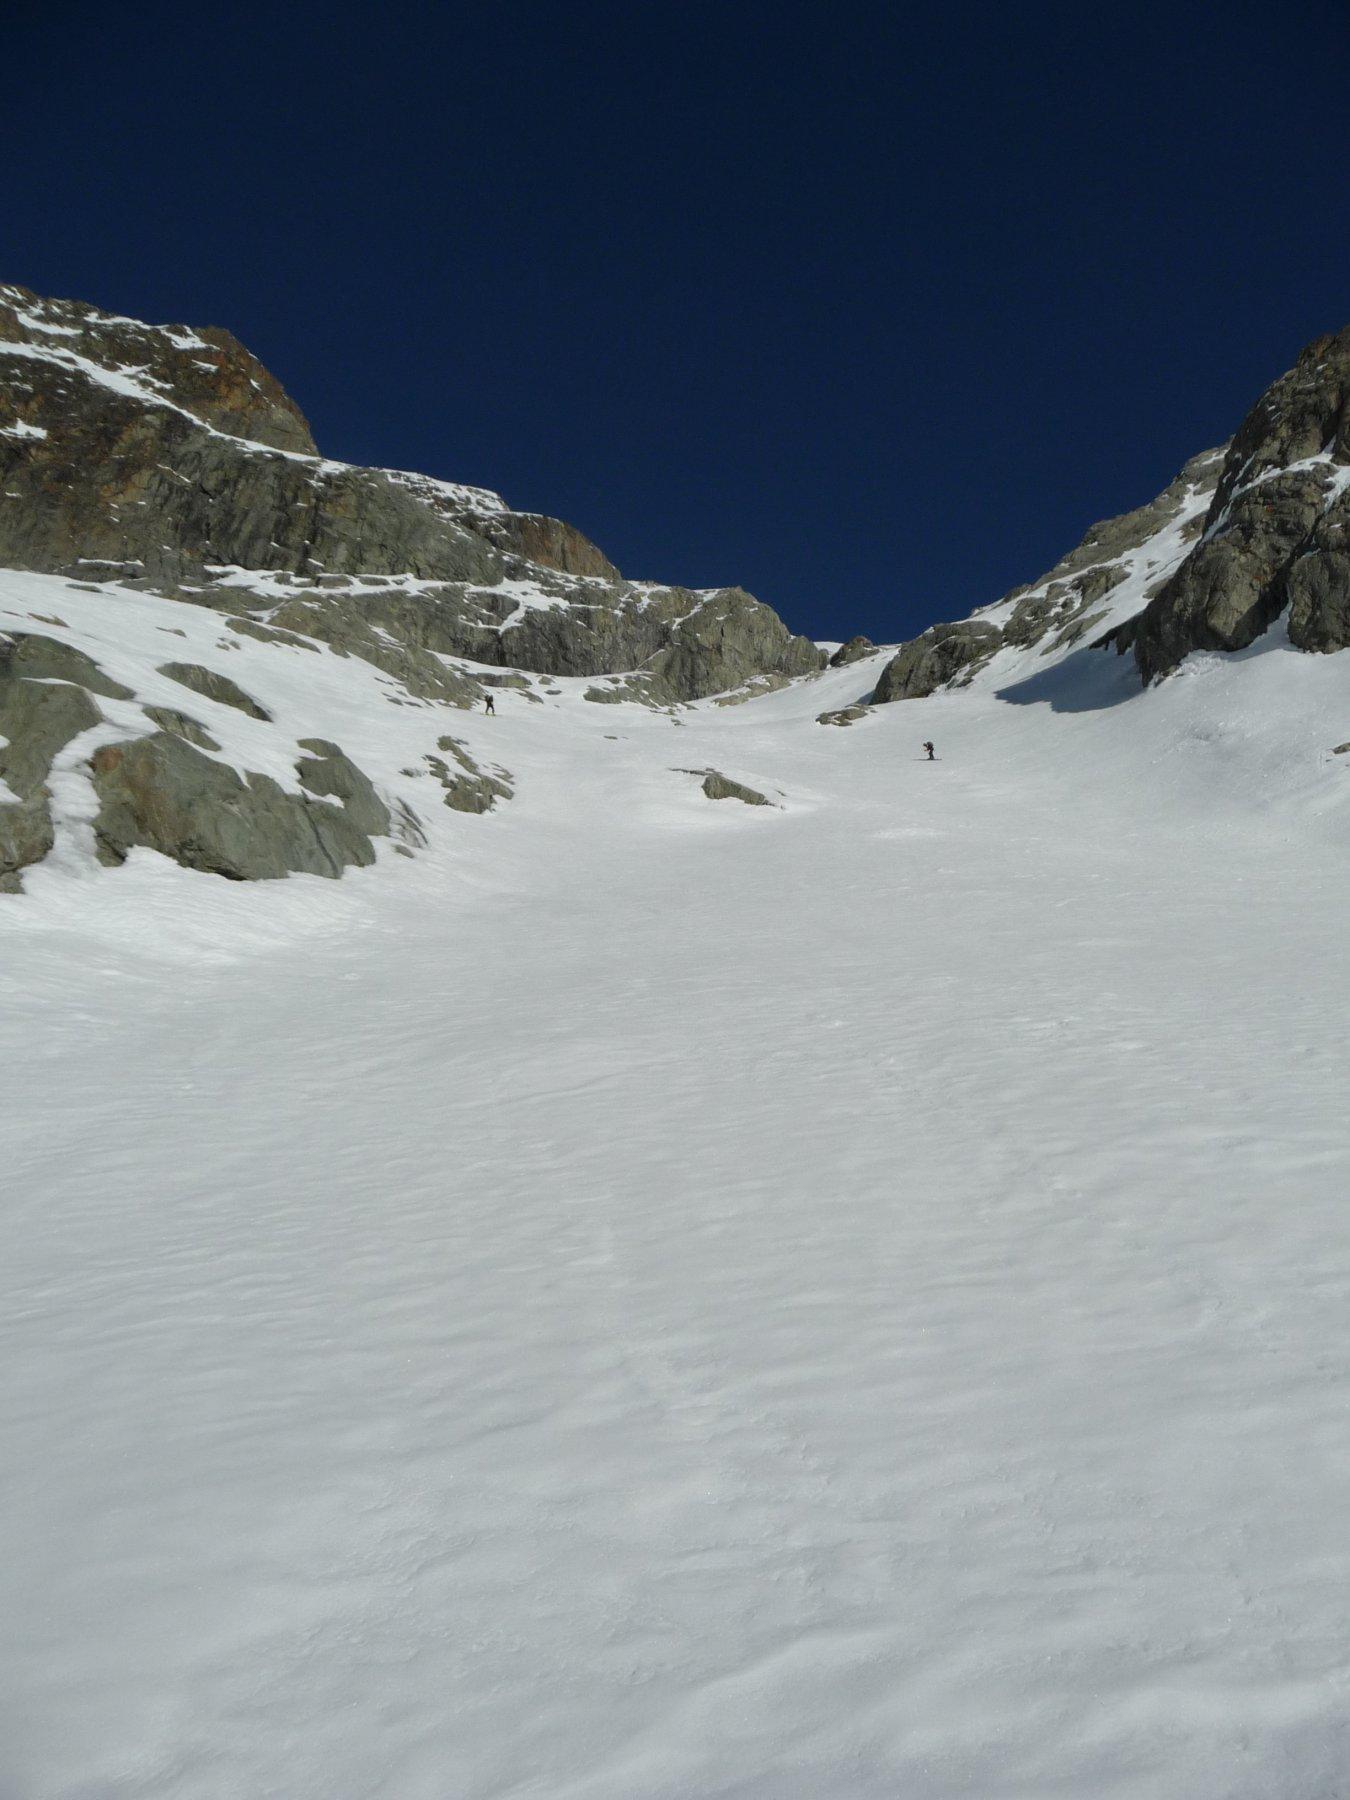 Pendio canale per accedere al ghiacciaio